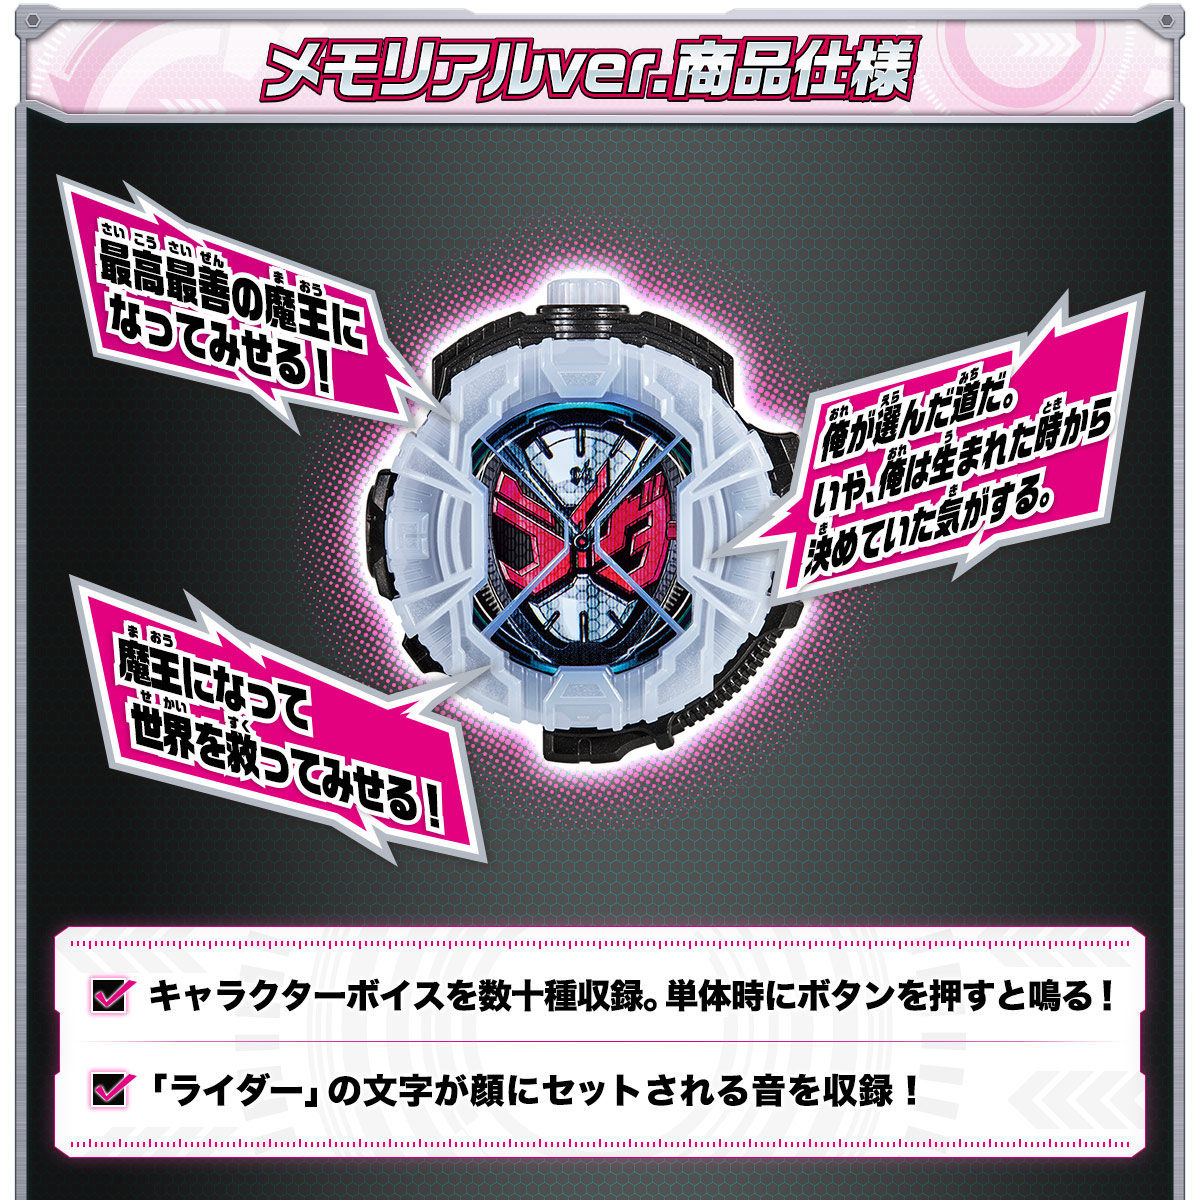 【限定販売】仮面ライダージオウ『DXメモリアルライドウォッチセット』変身なりきり-004